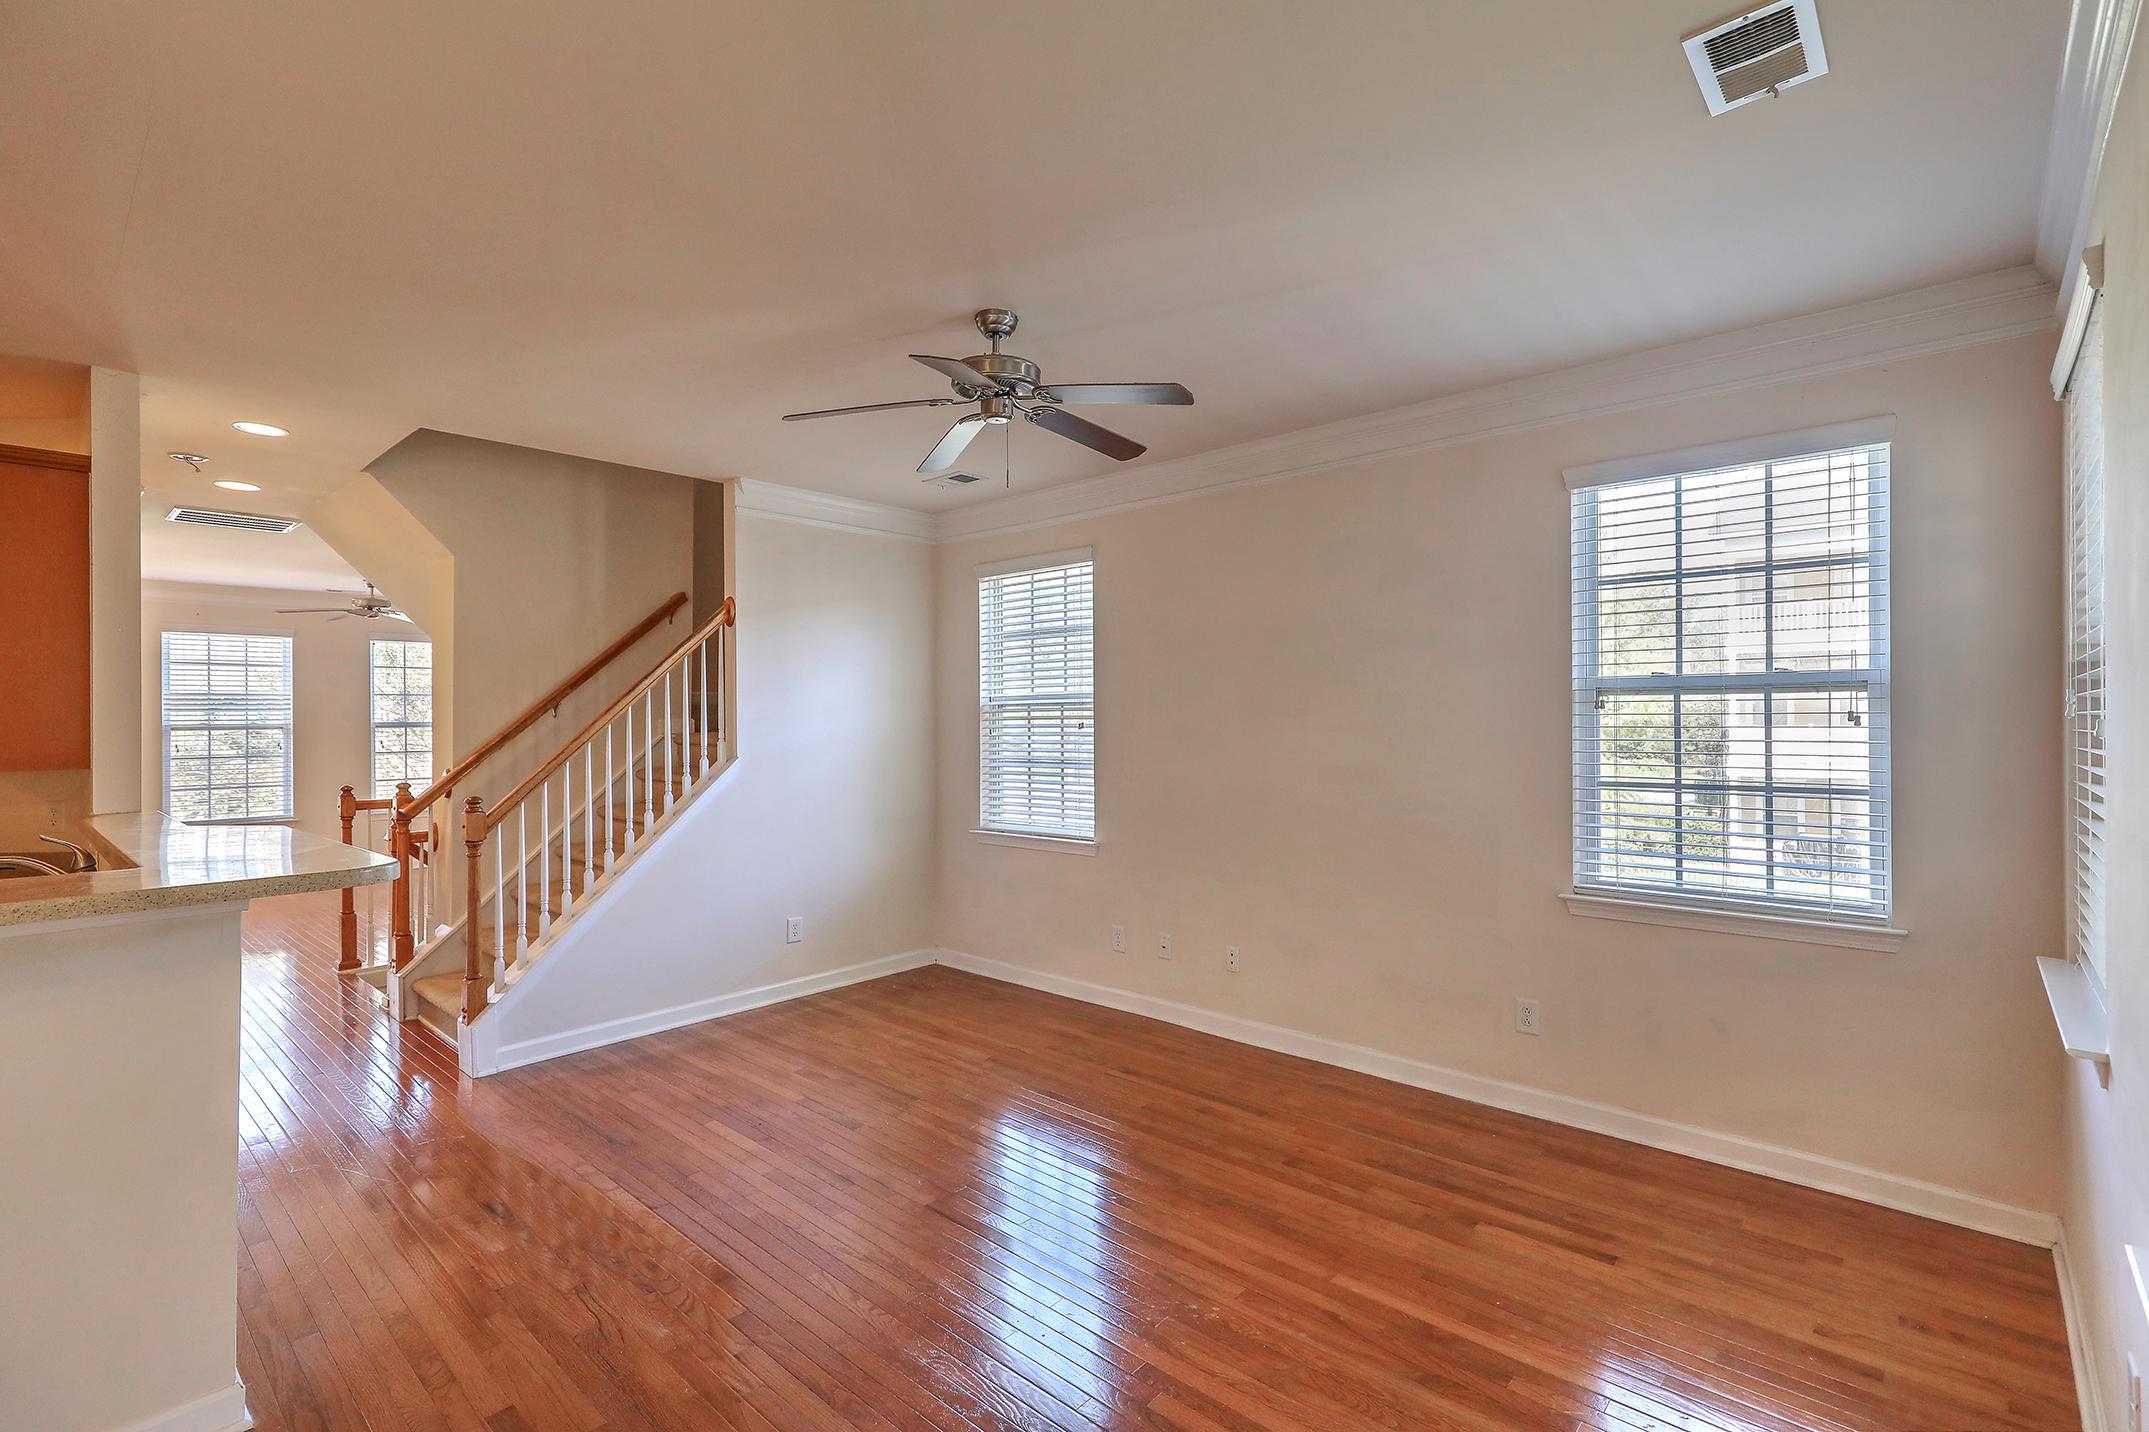 Park West Homes For Sale - 3471 Claremont, Mount Pleasant, SC - 23